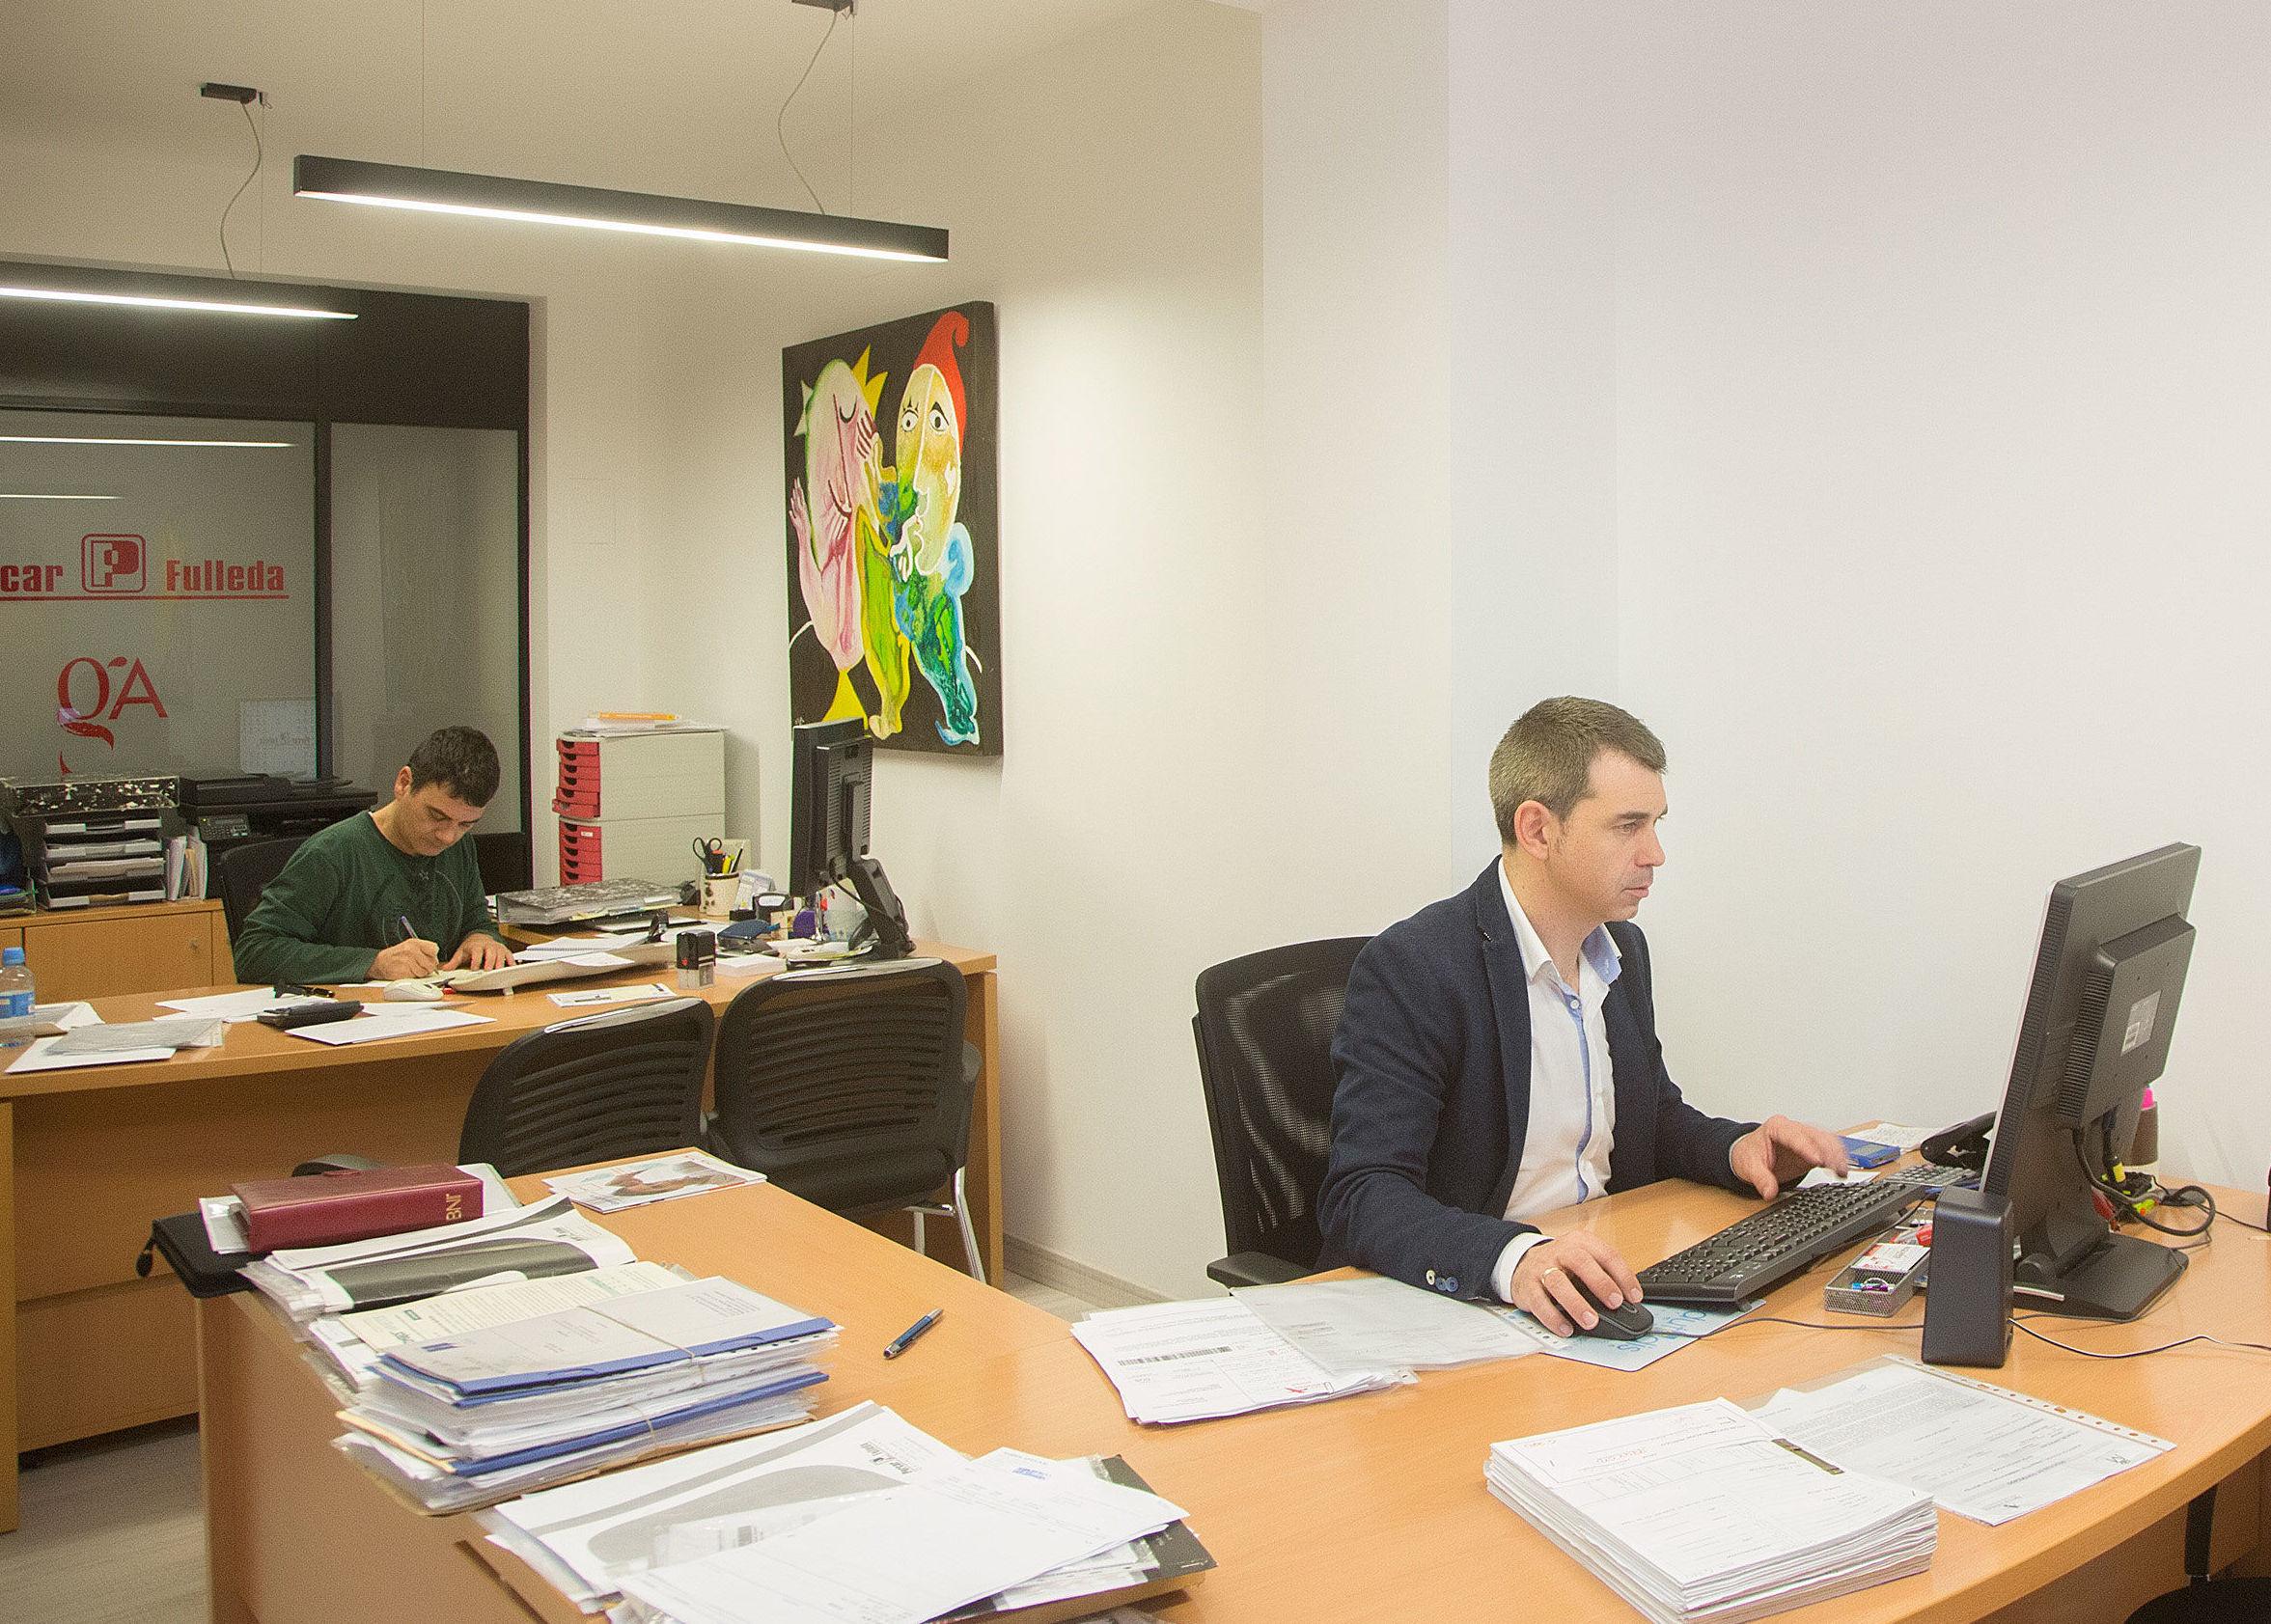 Foto 24 de Gestorías administrativas en Castellón / Castelló de La Plana | Gestors Associats Porcar Fulleda